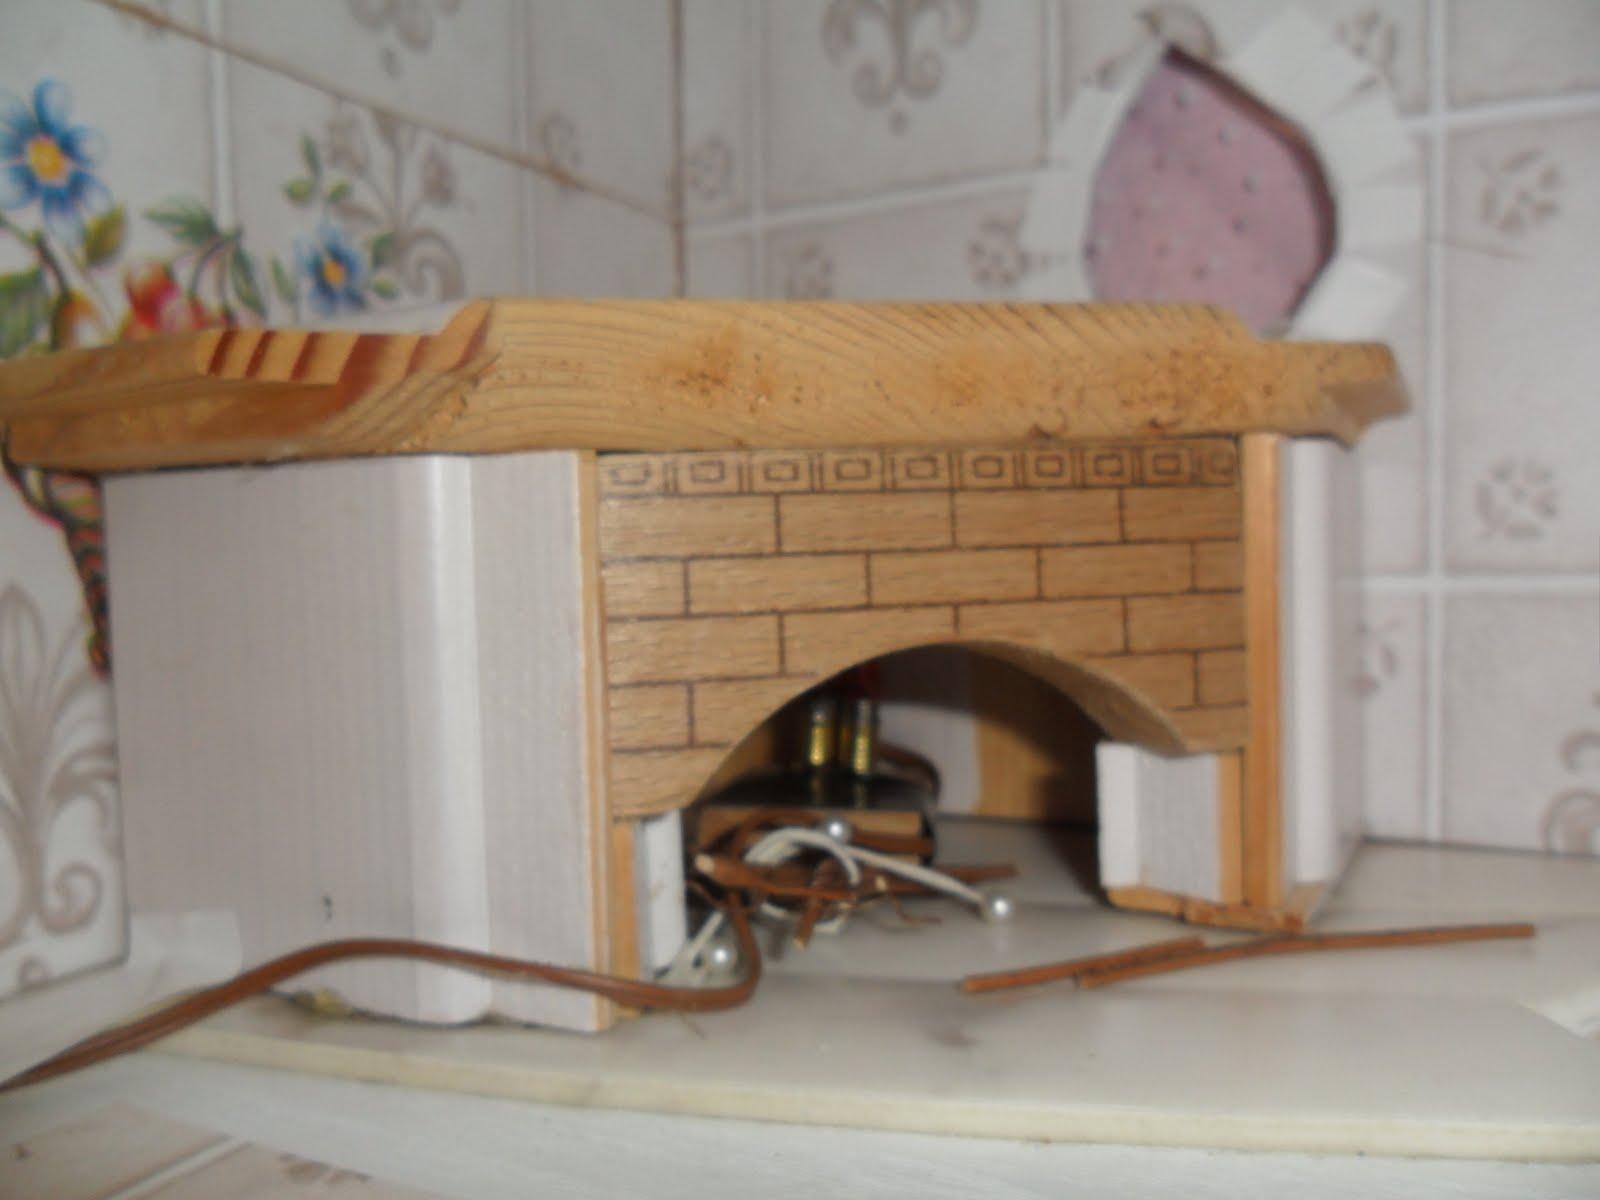 Etagenbett Wohnwagen Selber Bauen : Puppenhaus küche selber bauen wohnwagen